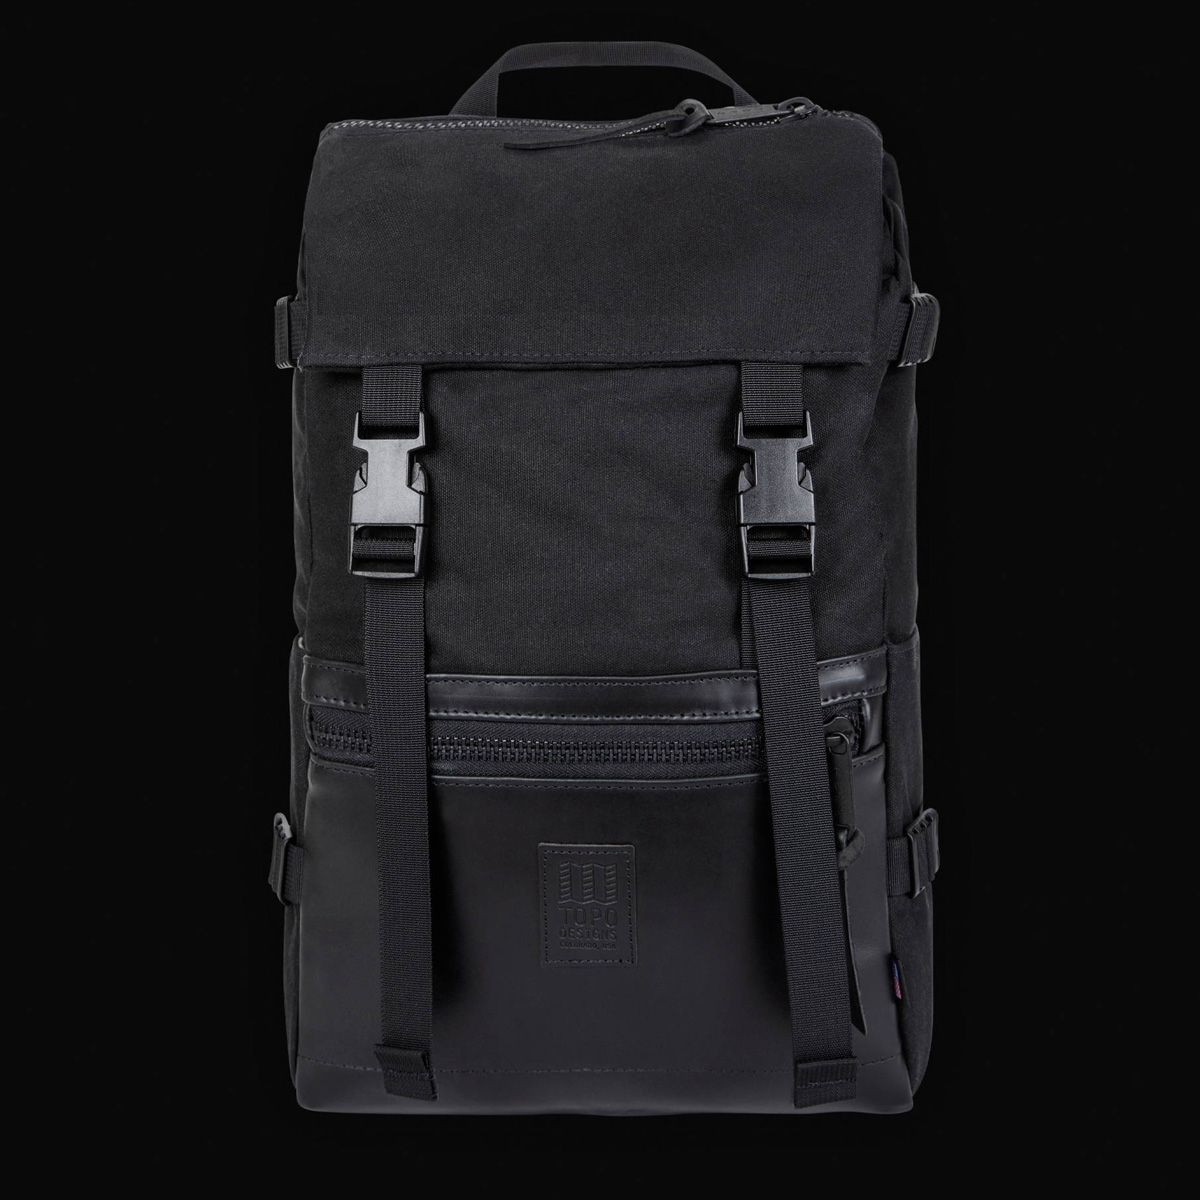 Topo Designs Rover Pack Heritage Black Canvas/Black Leather, der ideale Rucksack für den täglichen Gebrauch